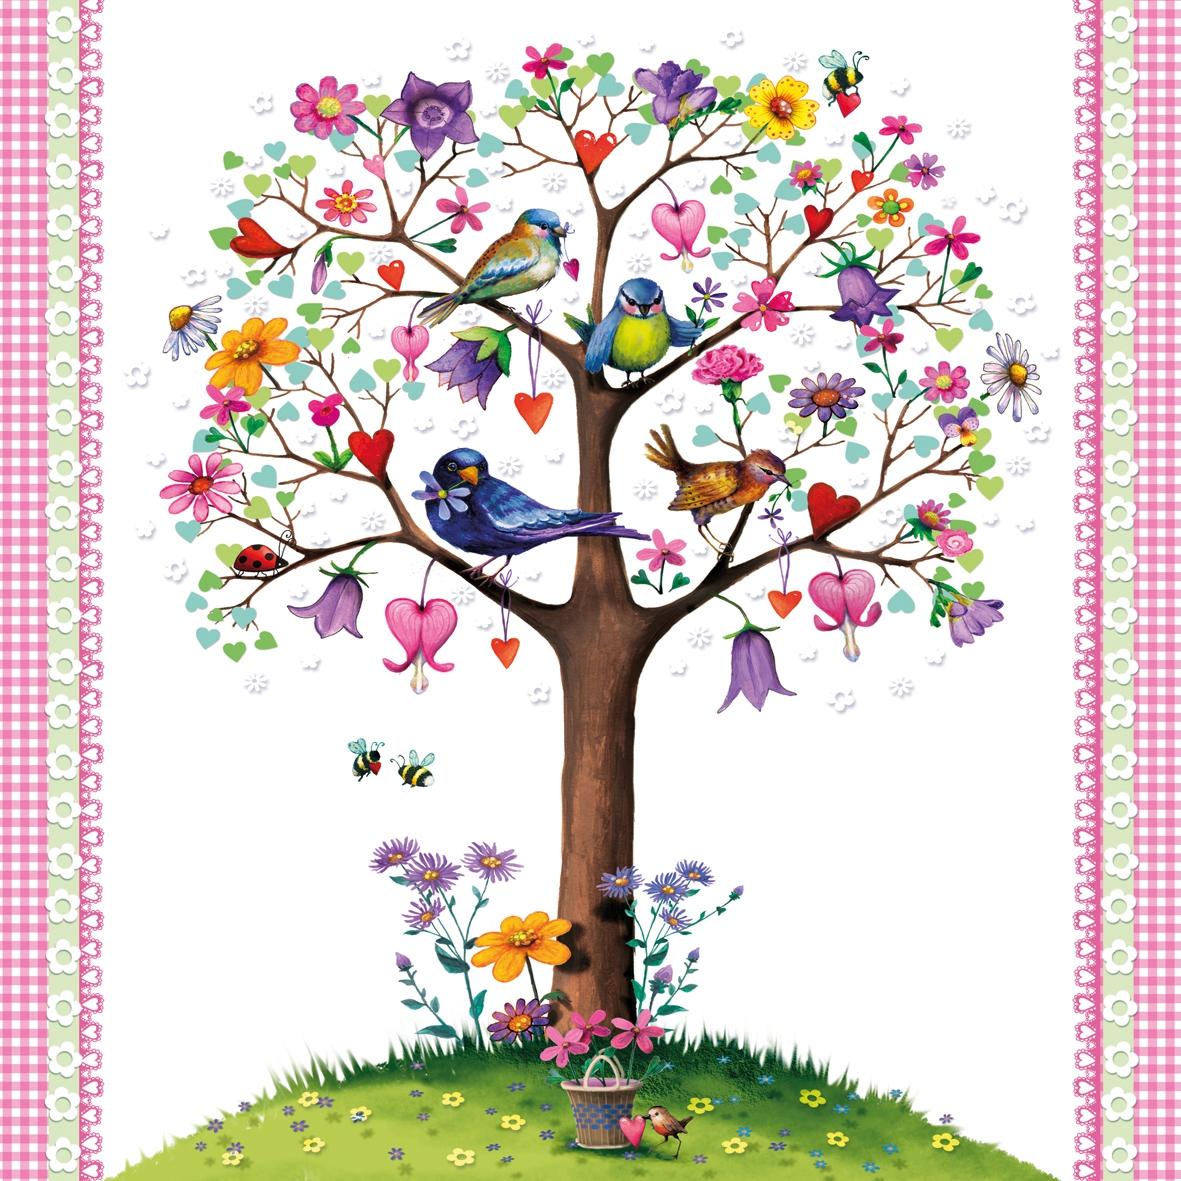 Cocktail Servietten Love Tree white,  Regionen - Wald / Wiesen,  Tiere - Vögel,  Everyday,  cocktail servietten,  Baum,  Vögel,  Wiese